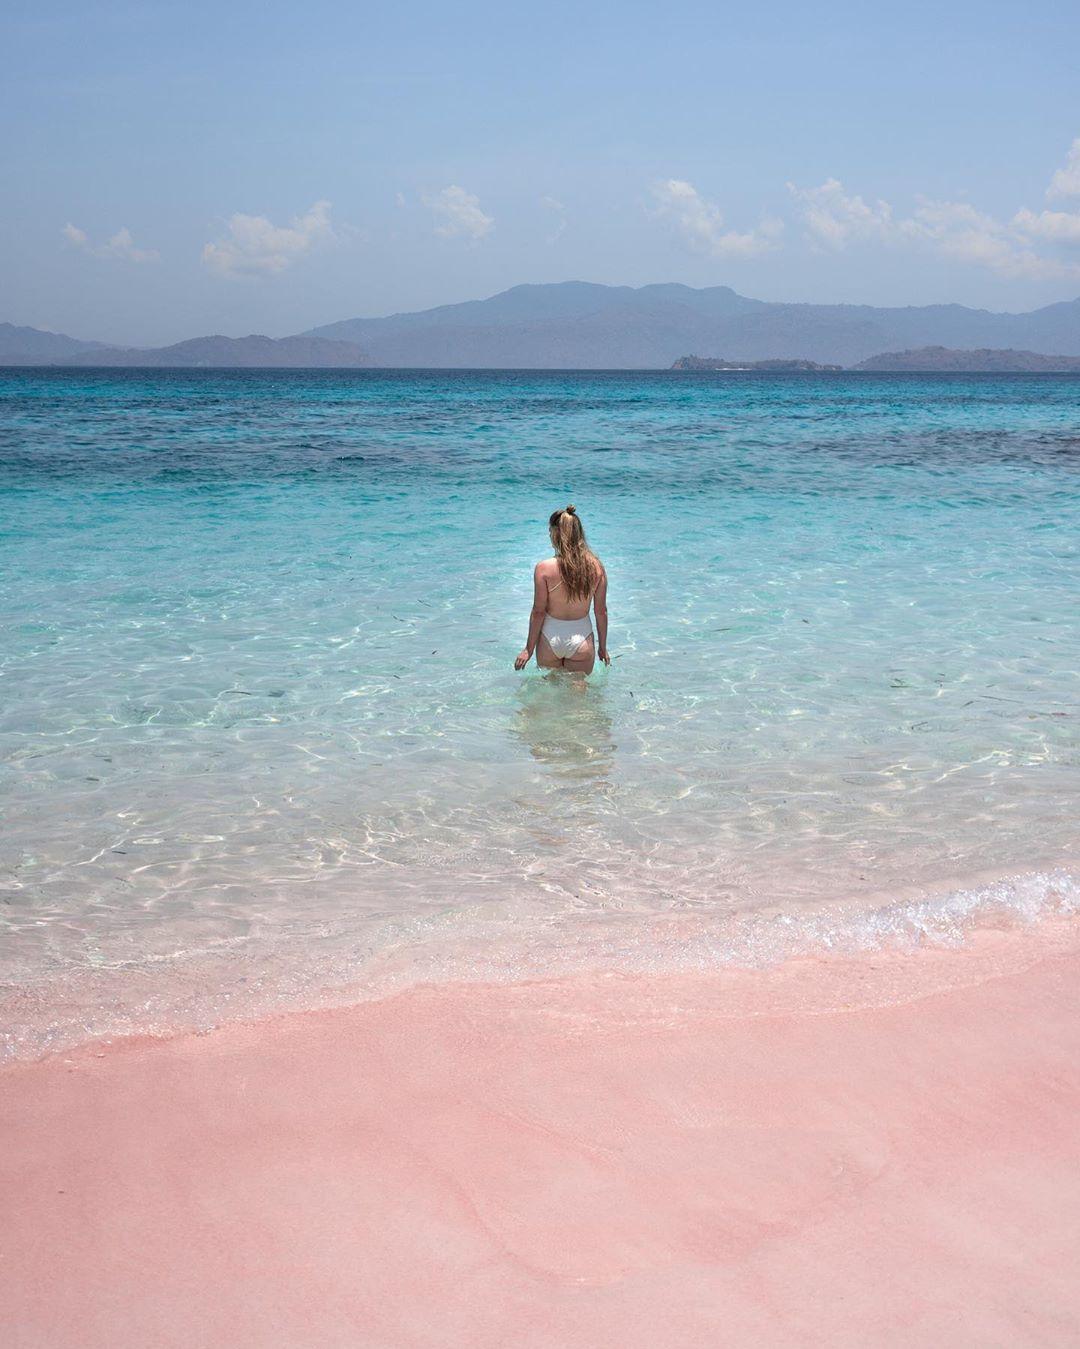 Pink Beach Komodo National Park Flores Island Indonesia Komodo National Park Pink Beach Beach